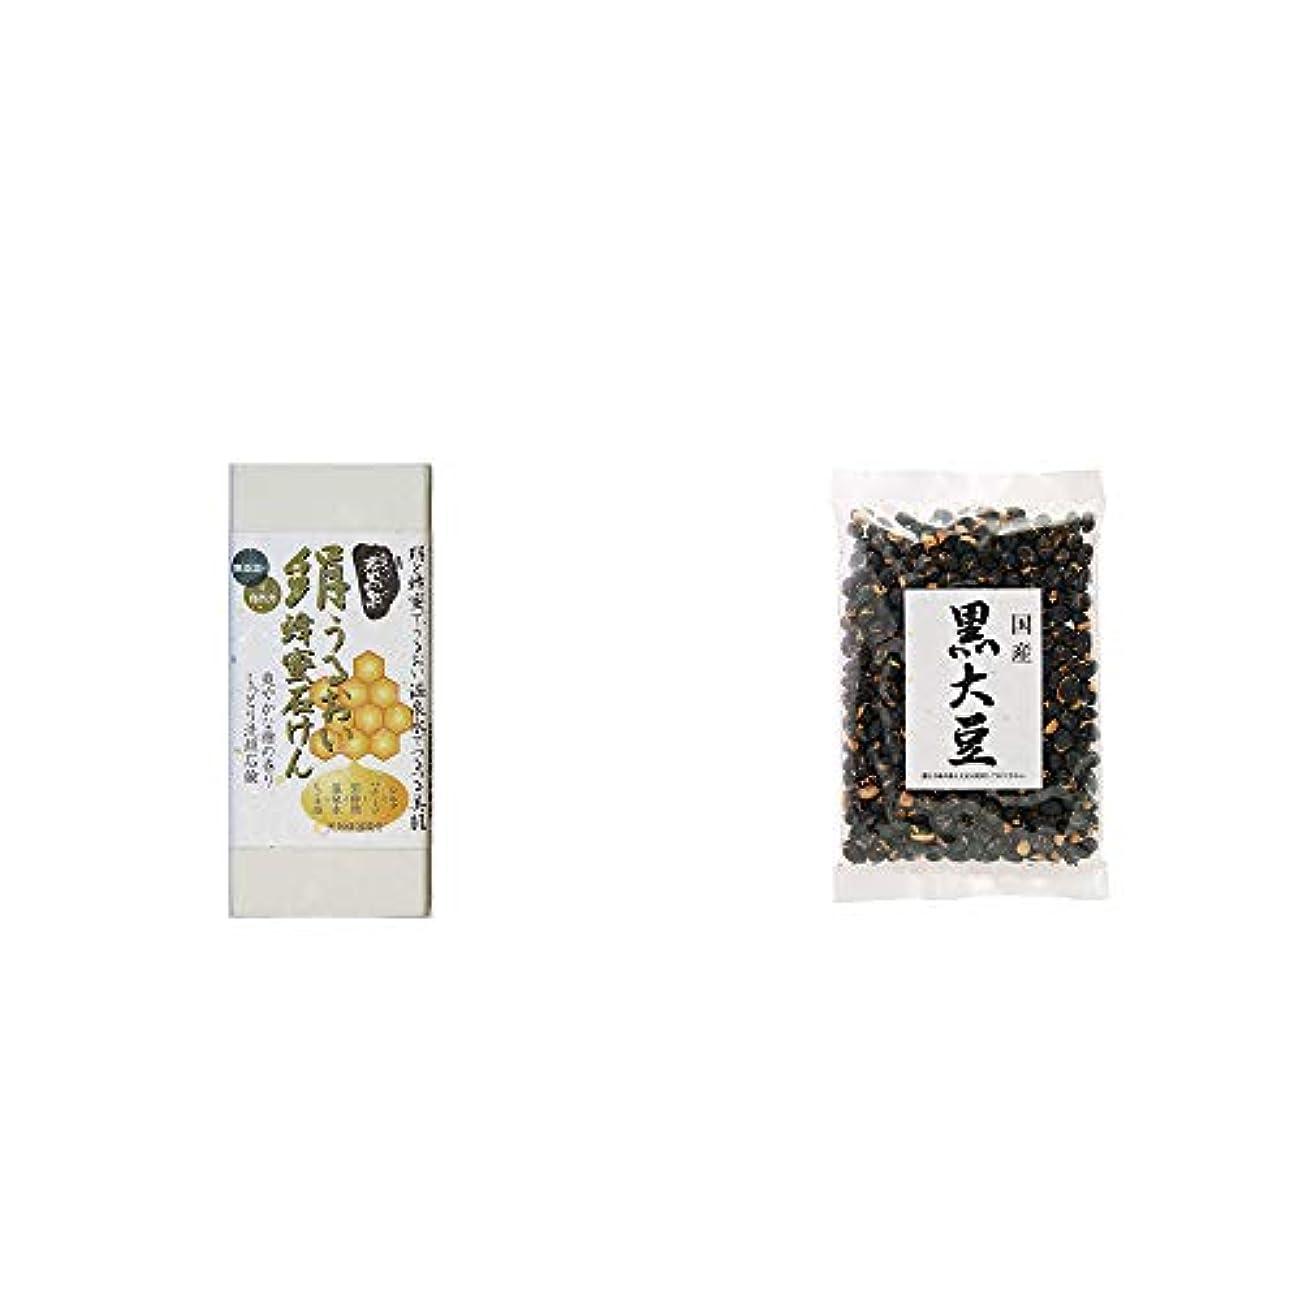 厚さ策定する平凡[2点セット] ひのき炭黒泉 絹うるおい蜂蜜石けん(75g×2)?国産 黒大豆(140g)